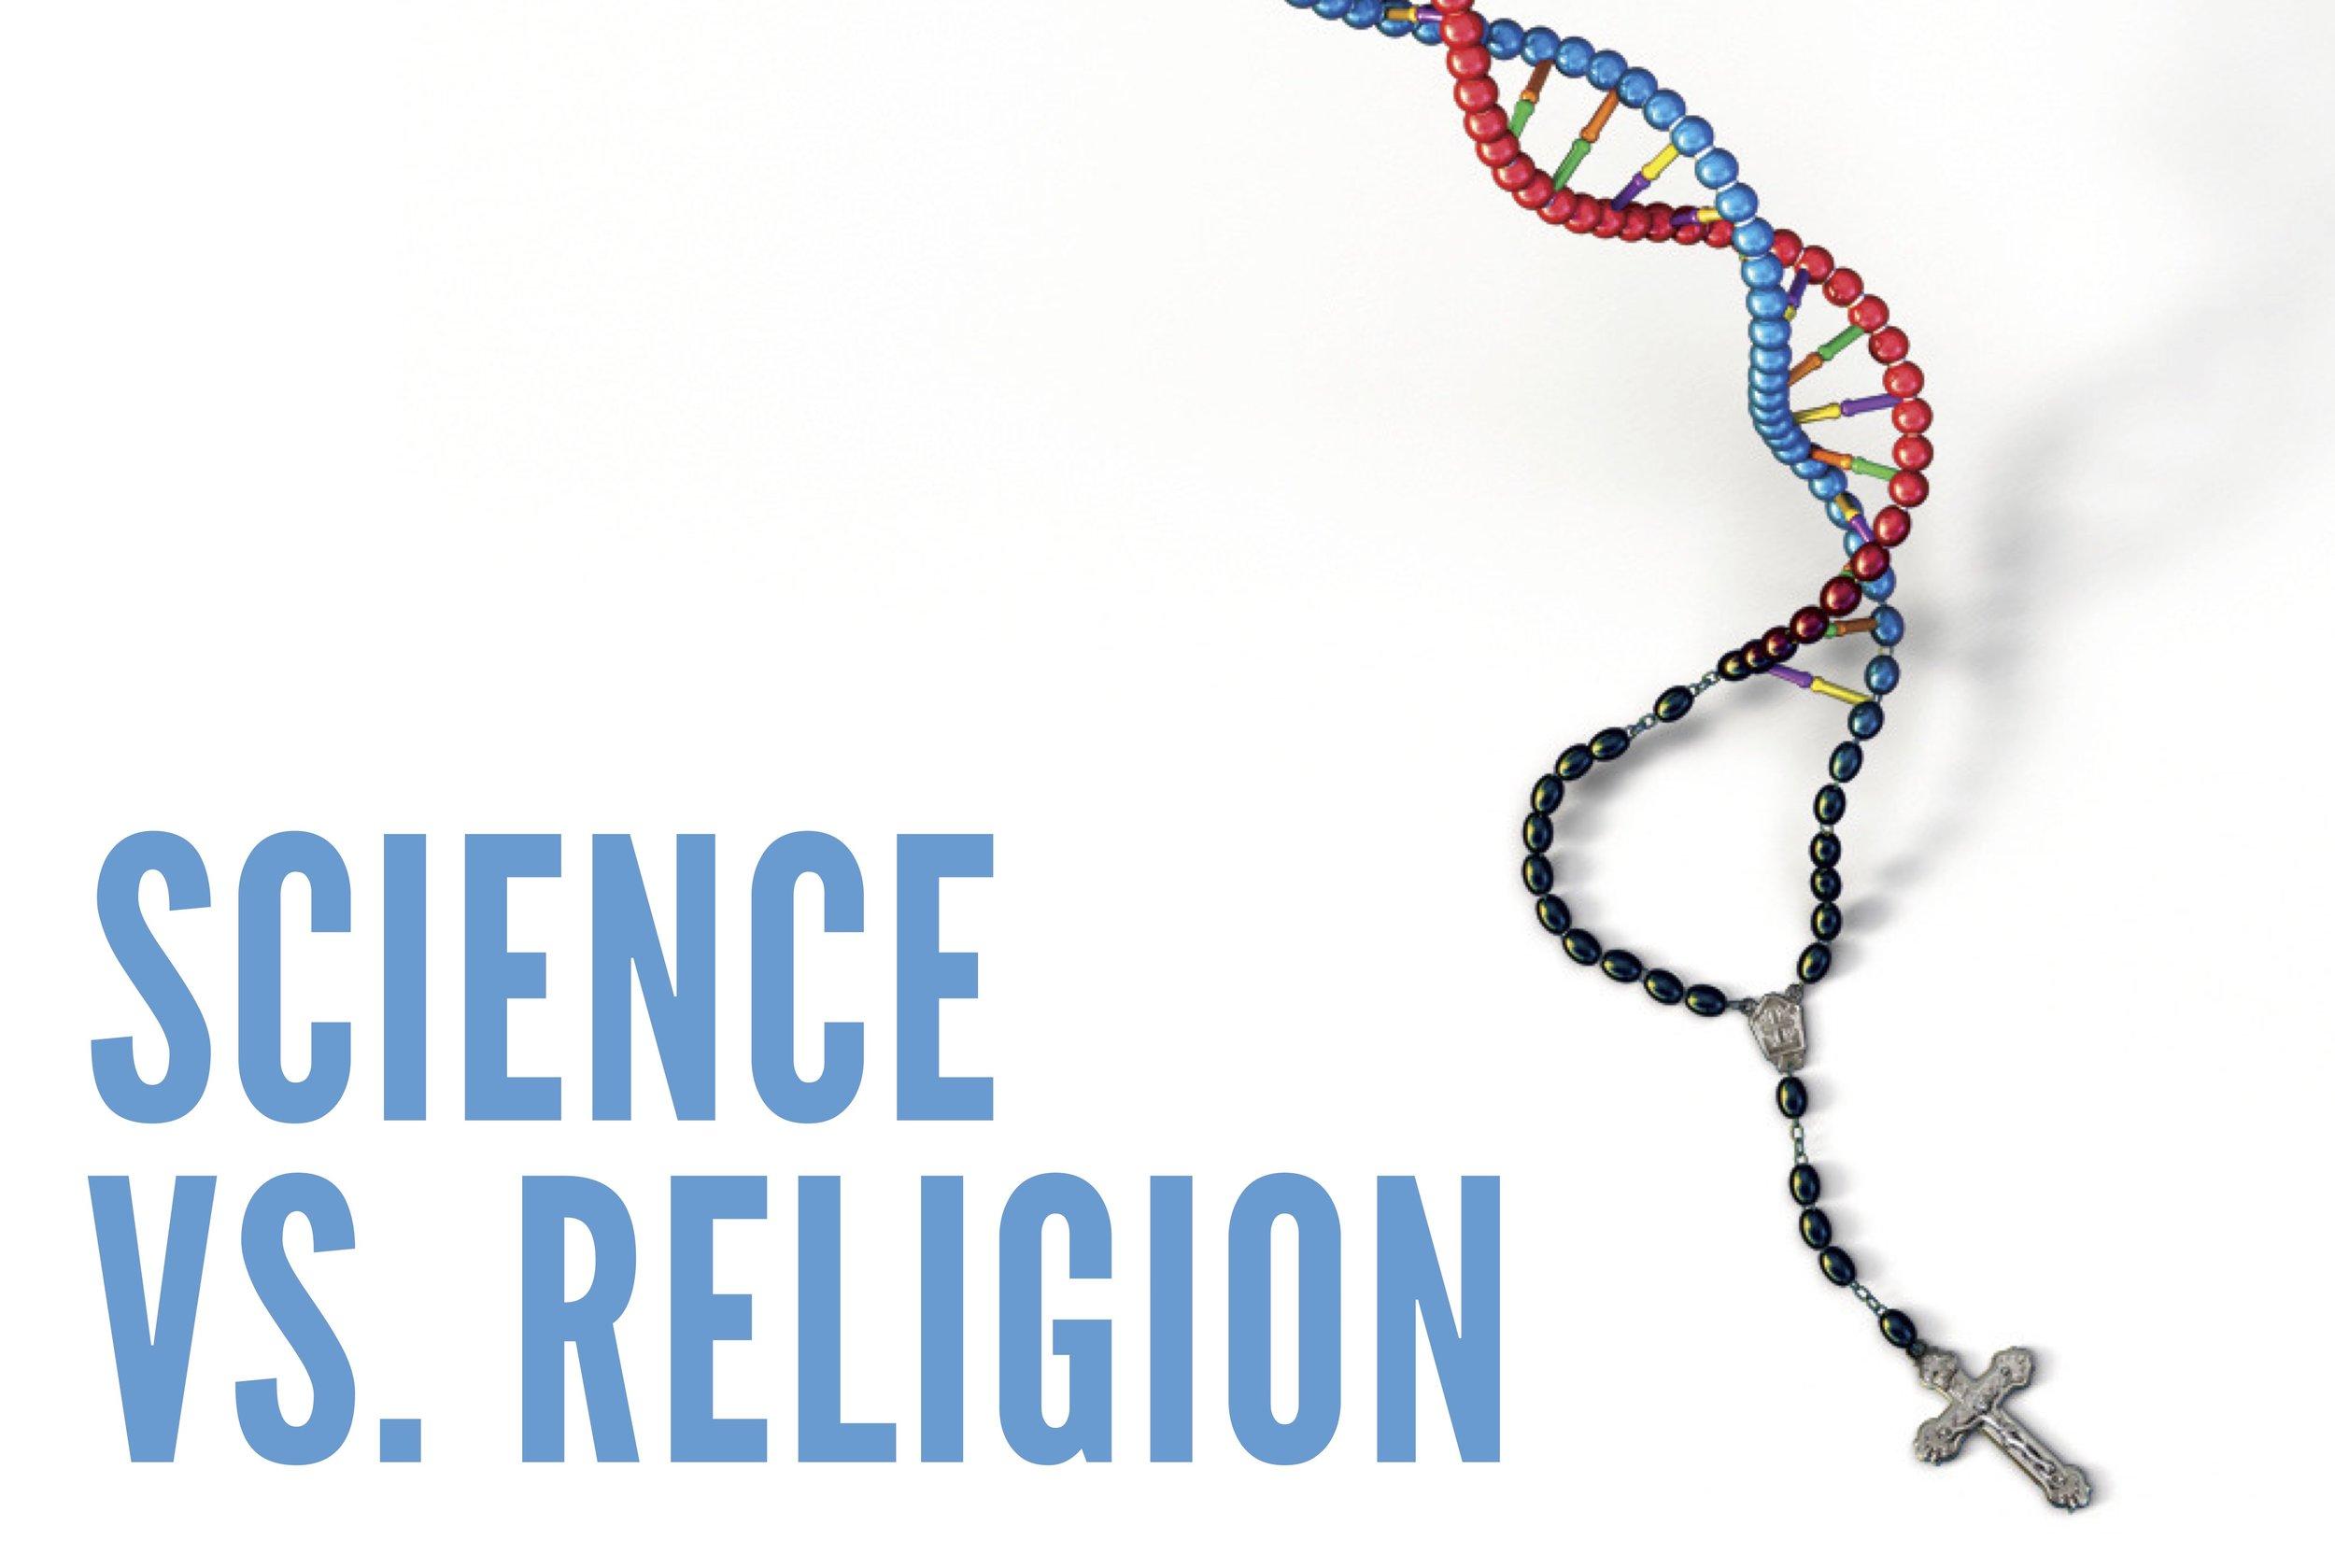 science vs religion